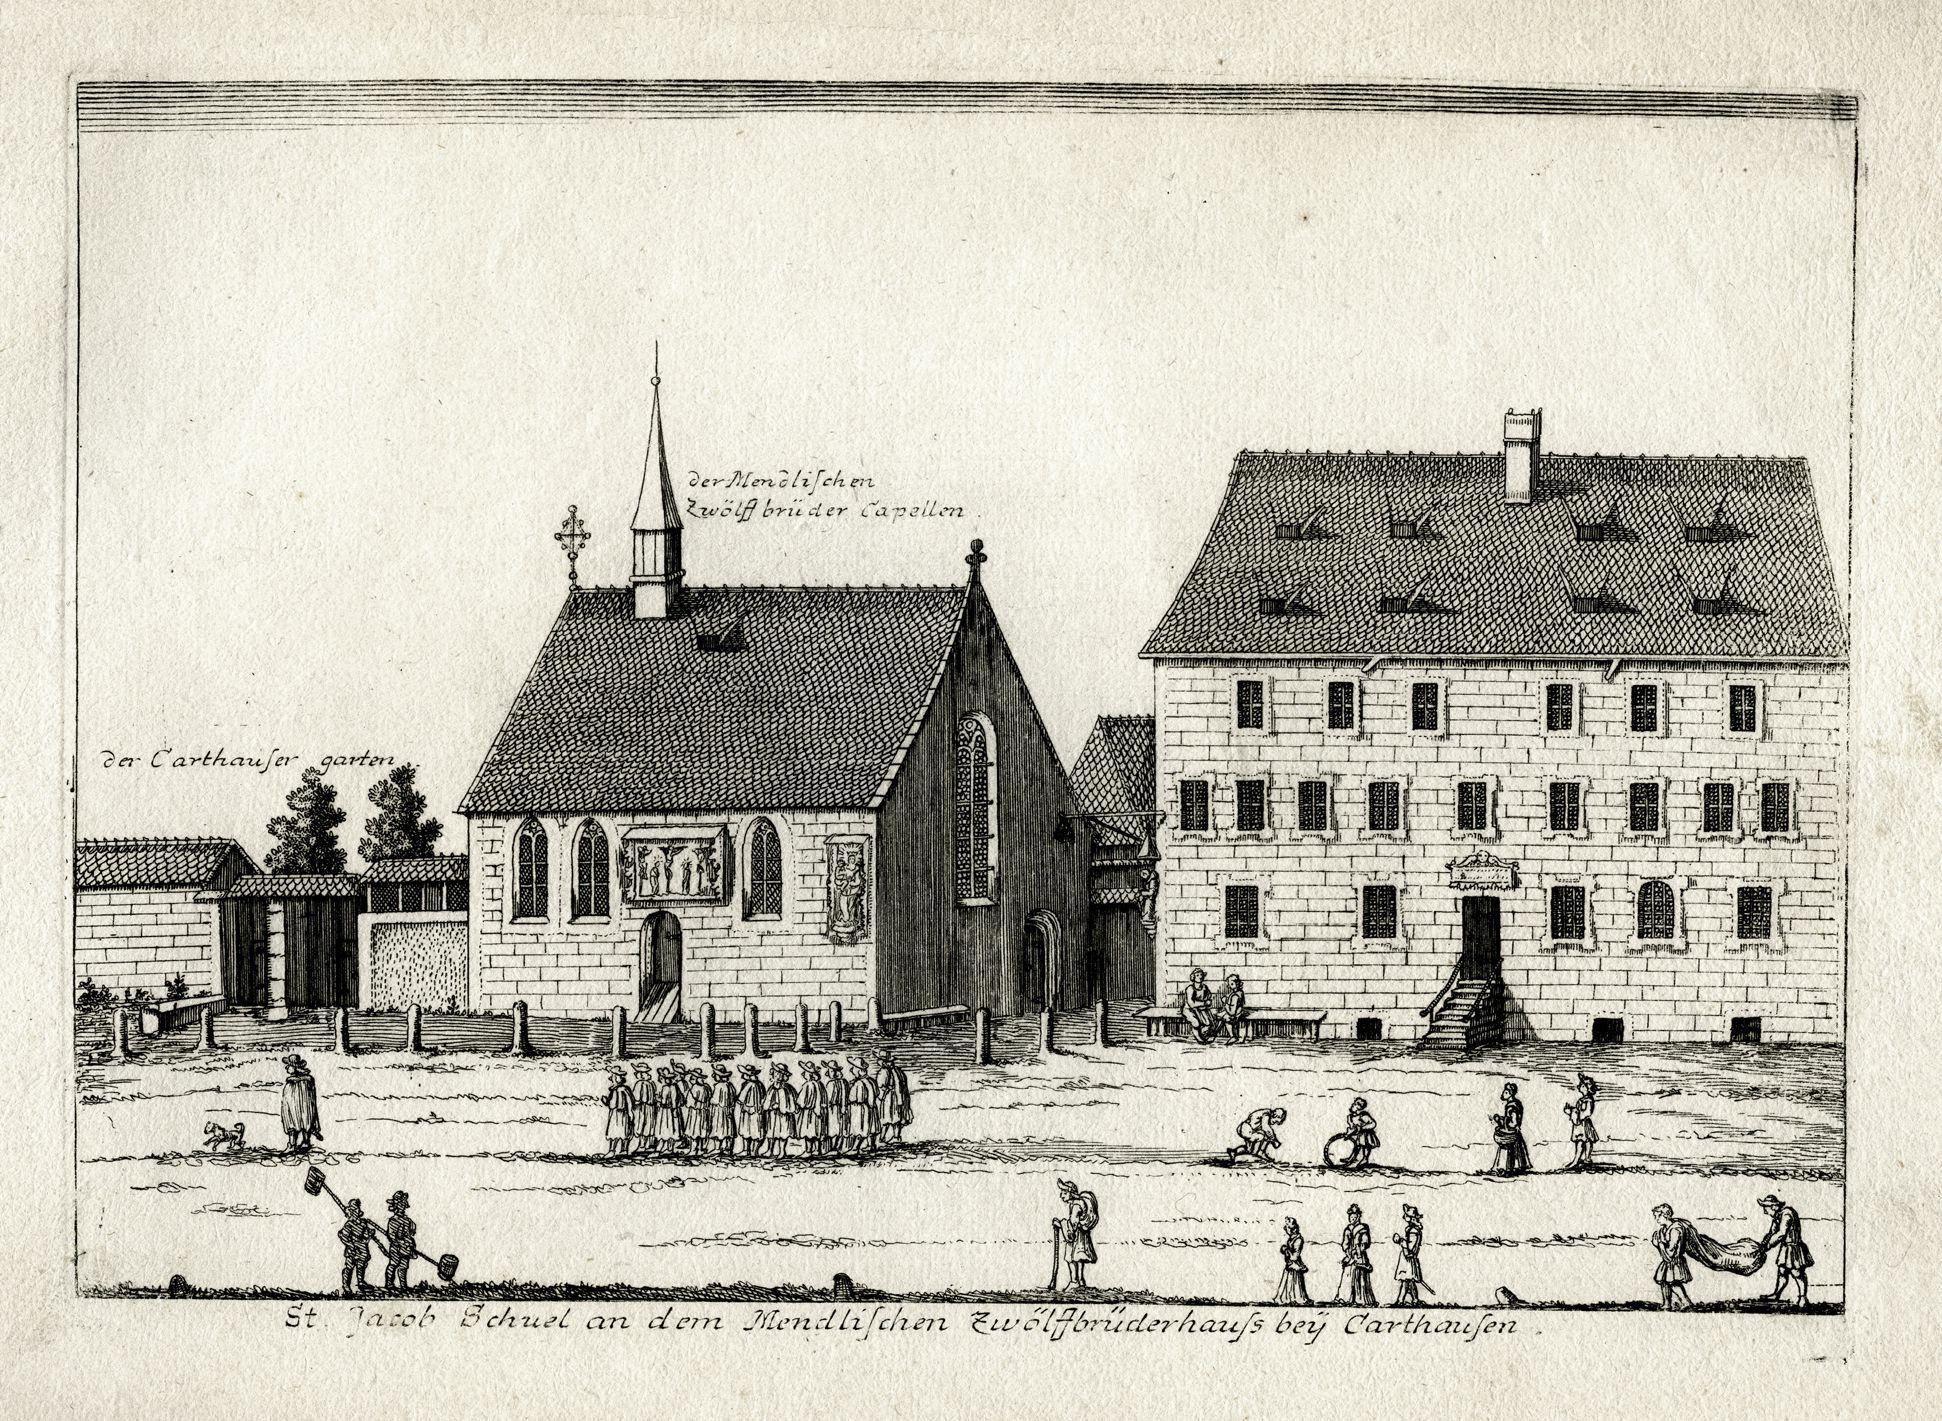 St. Jacob Schuel an dem Mendlischen Zwölfbrüderhauss beÿ Carthausen Gesamtansicht